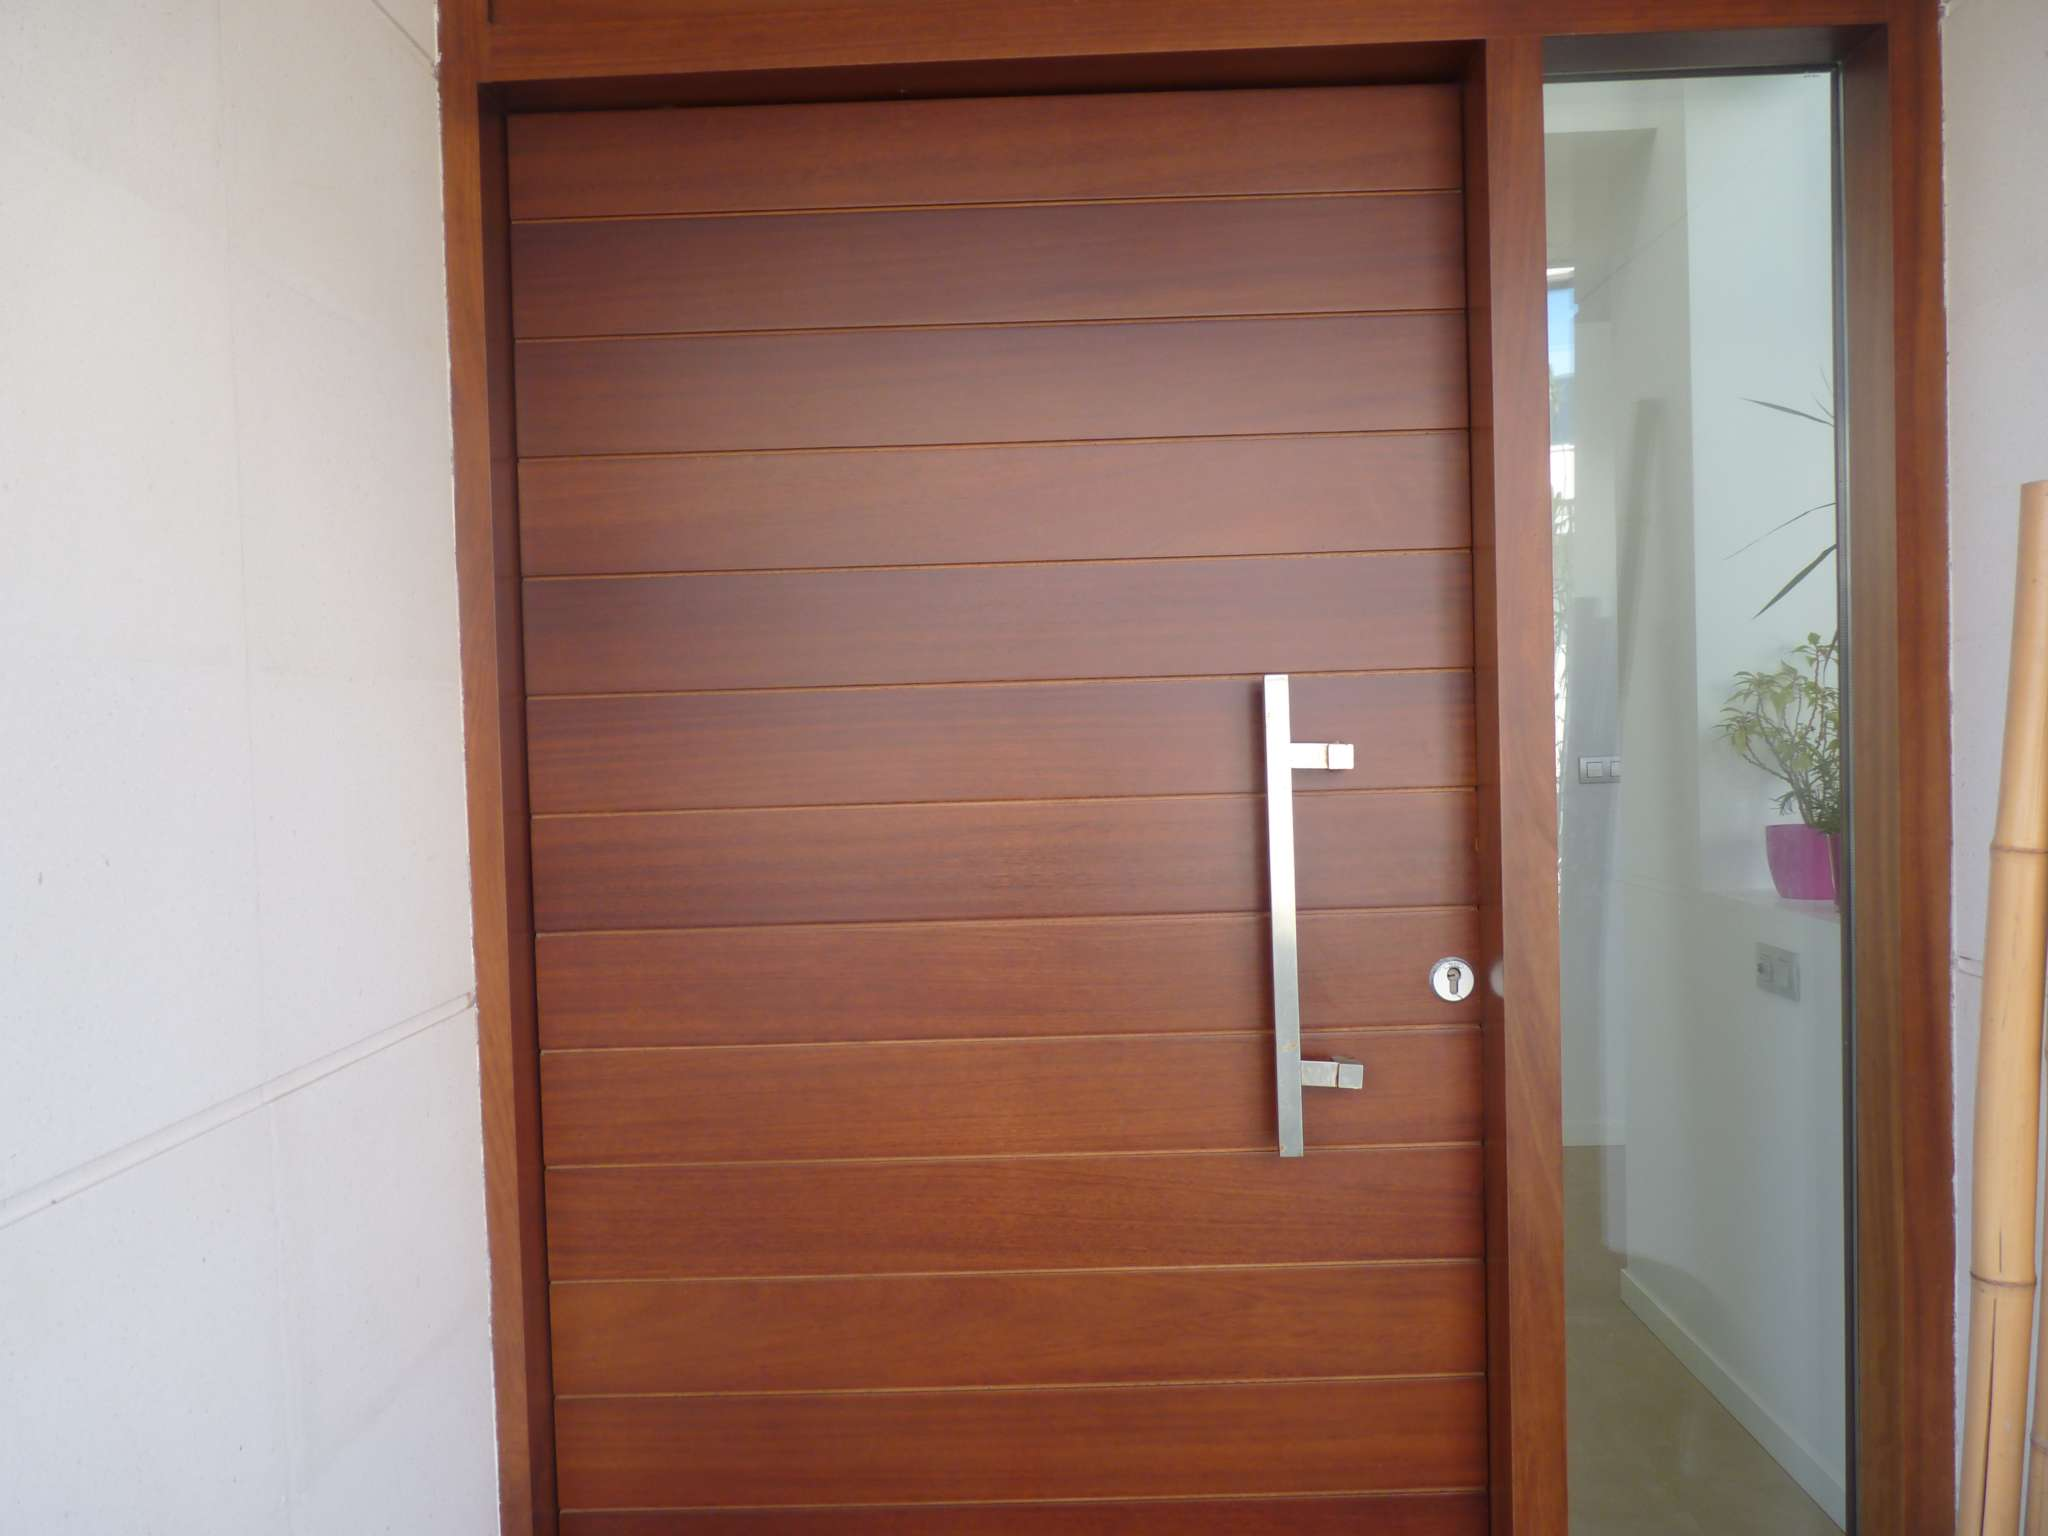 Puertas de madera thisan - Puertas internas de madera ...